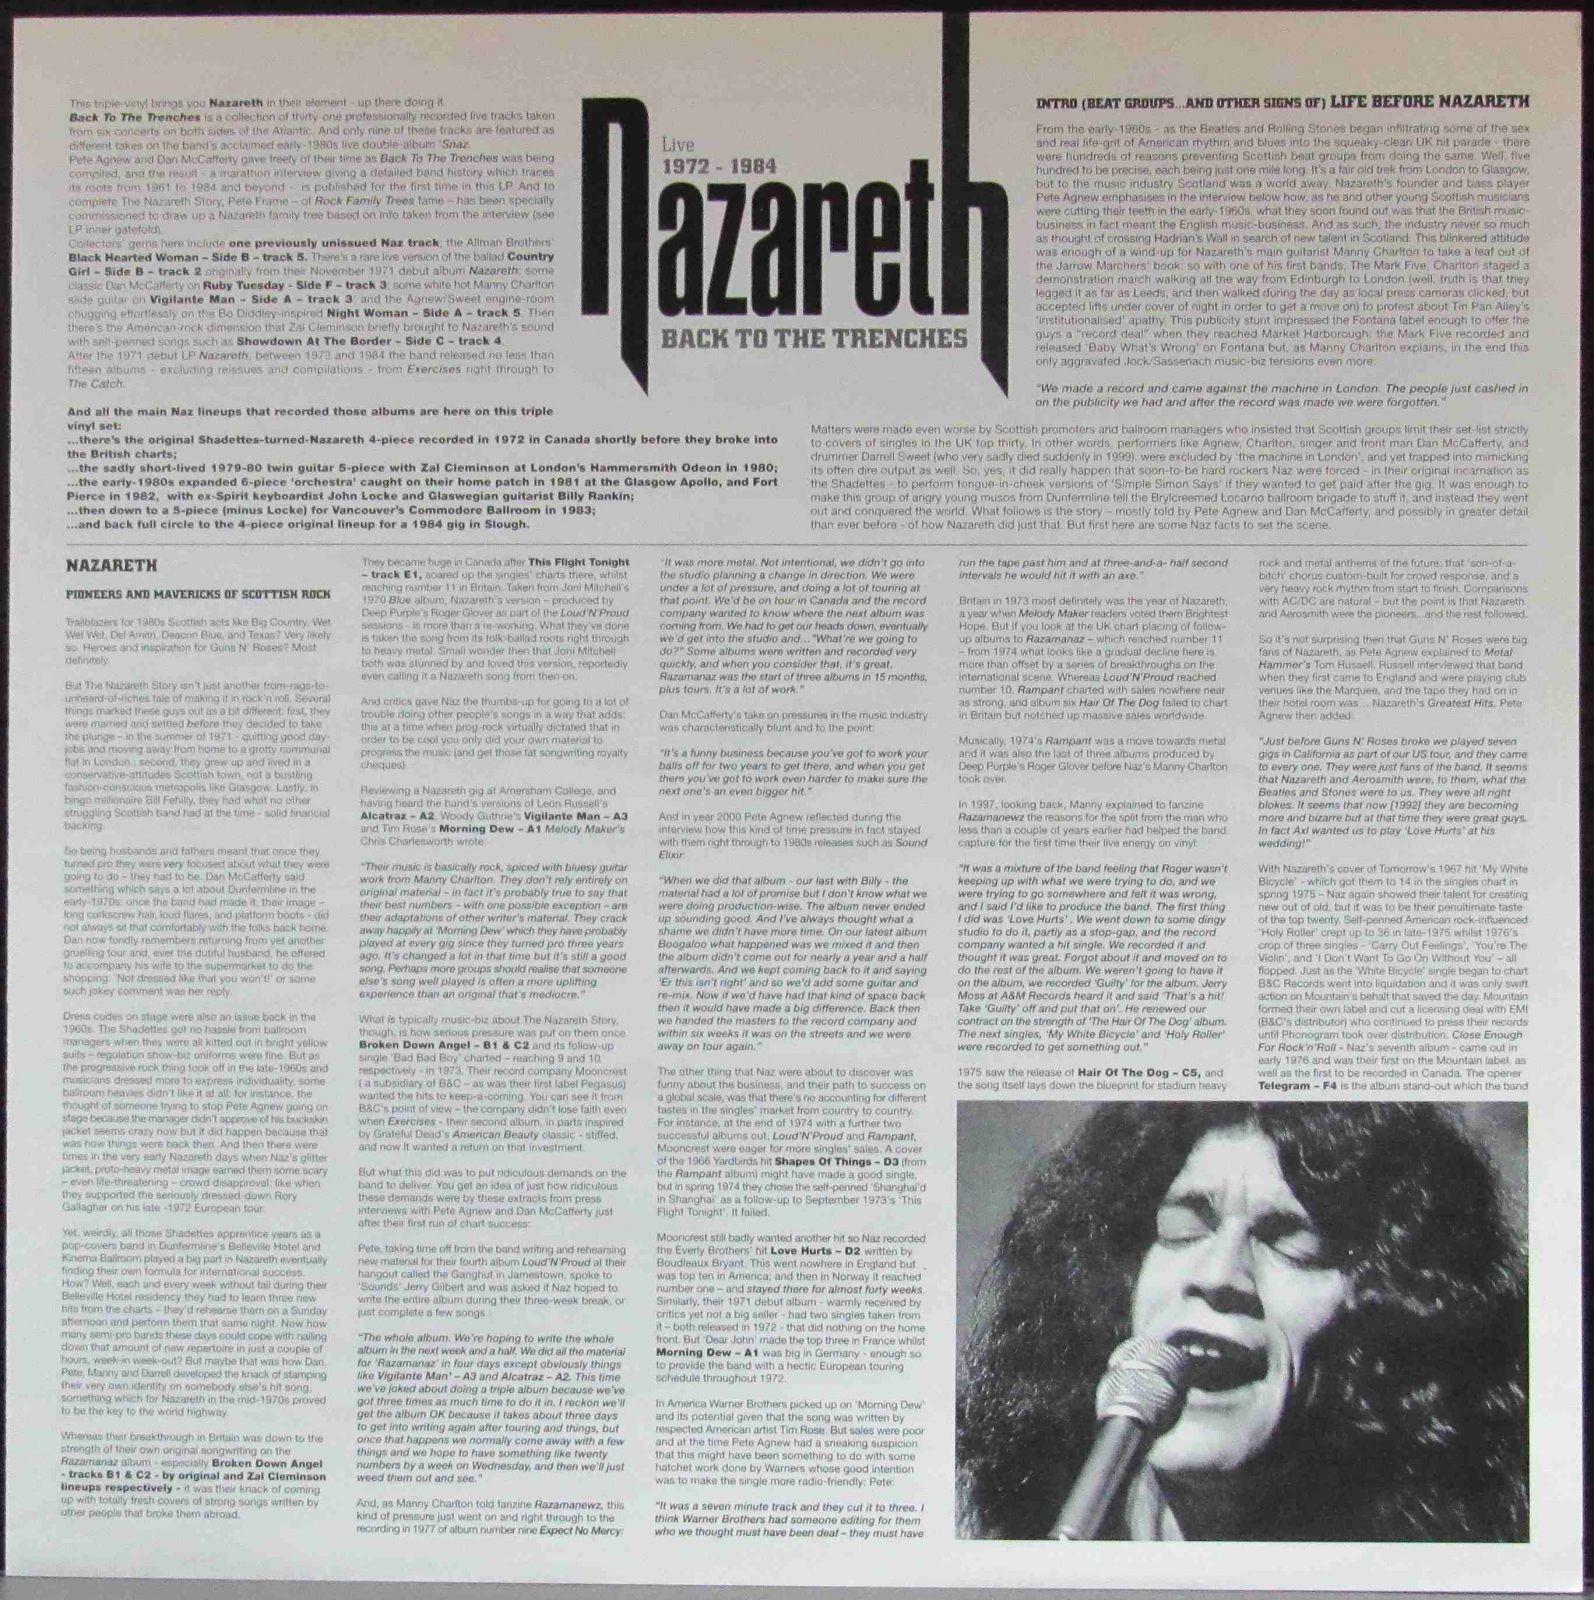 Купить lp Back To The Trenches Live 1972-1984 Nazareth | Интернет